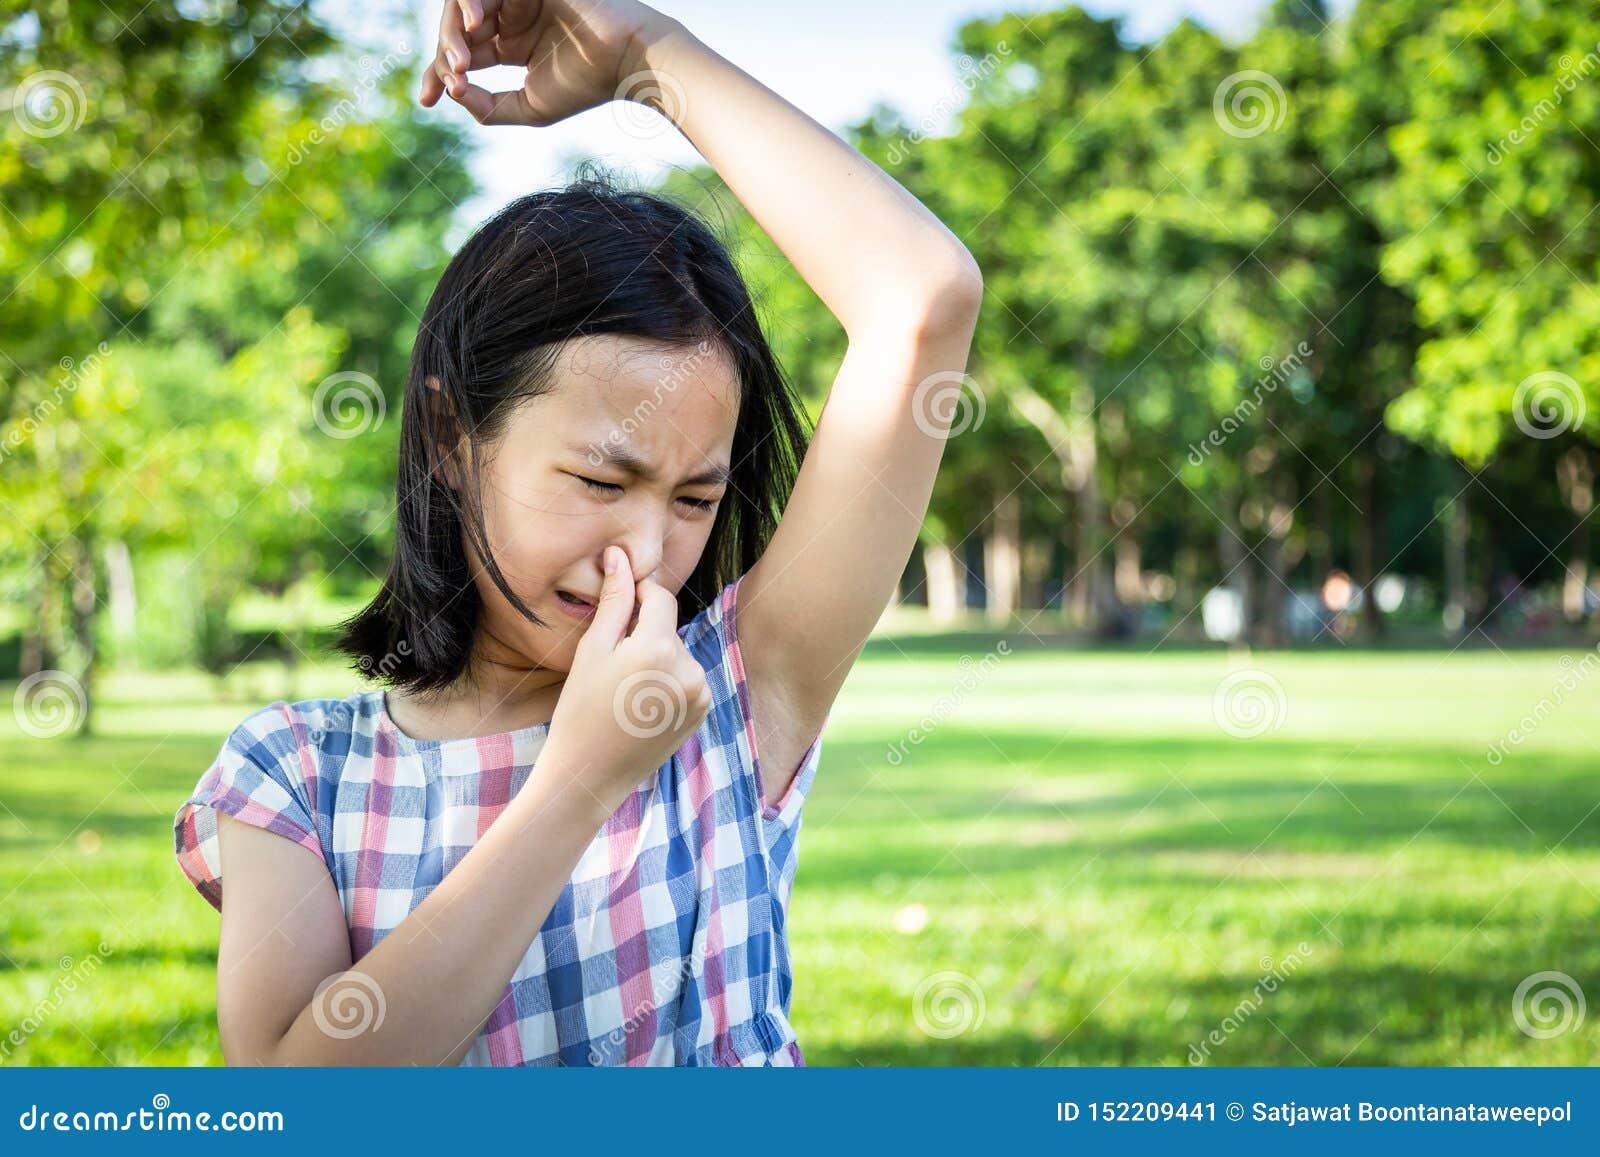 Voelt het close-up Aziatische leuke meisje slechte vuile geursituatie, ruiken, die haar natte oksel in openluchtpark, mooi kind s